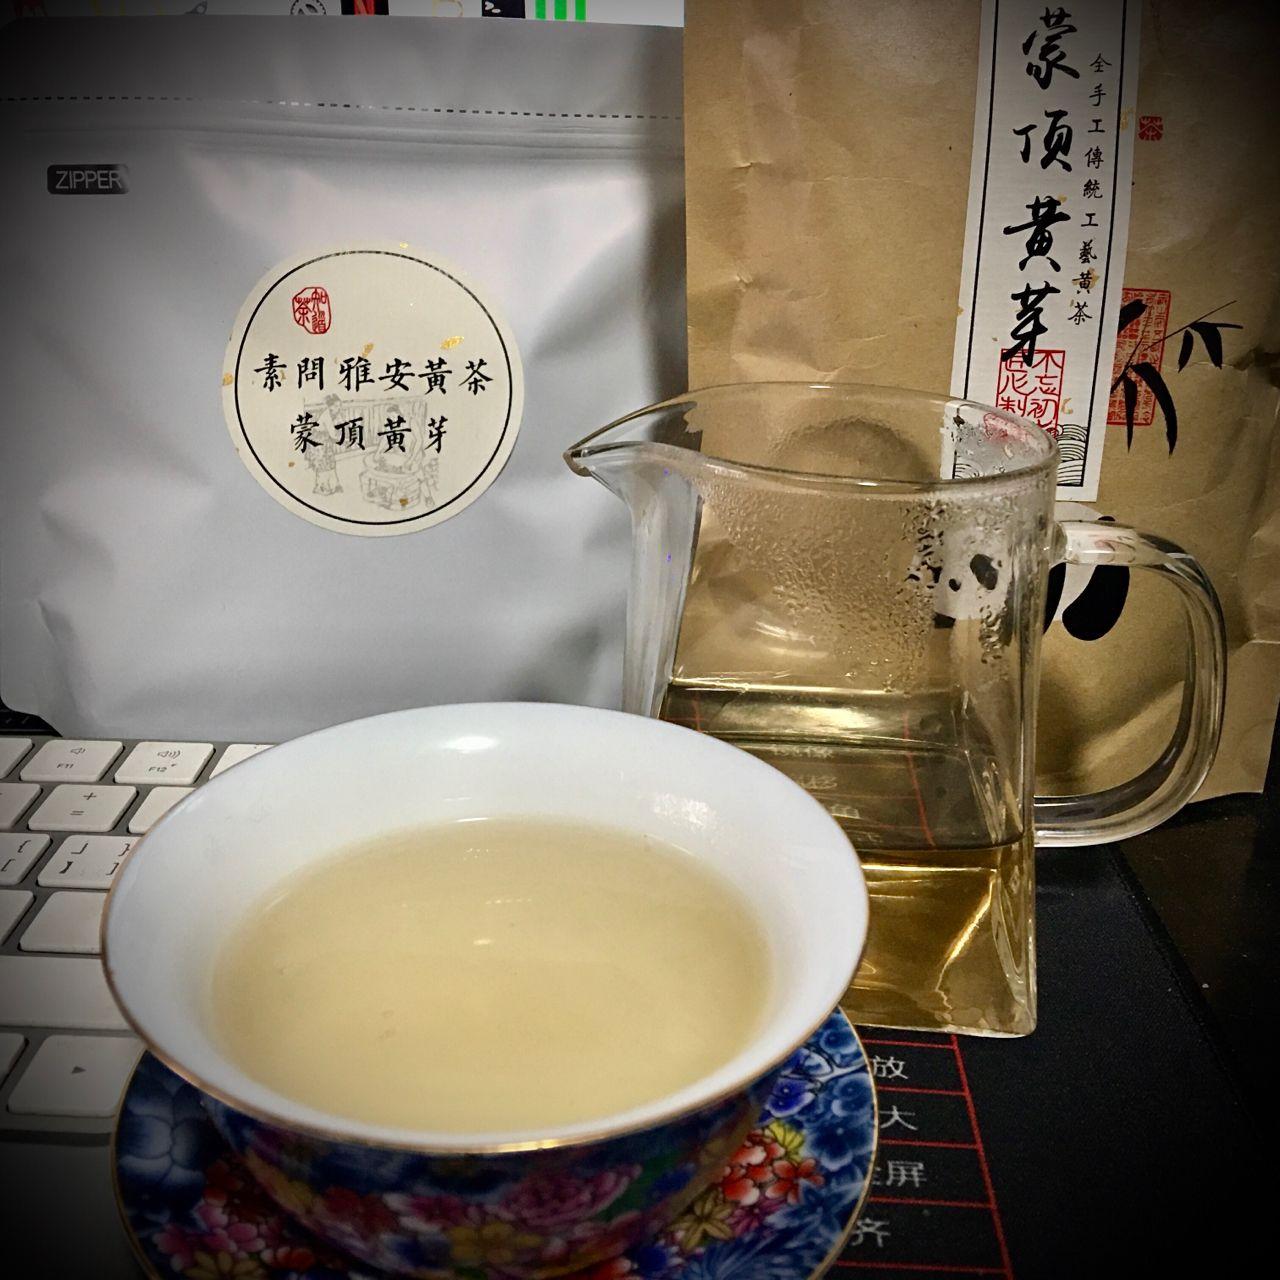 Méndǐng Huáng Chá, 蒙顶黄茶, Mending Yellow Bud Tea